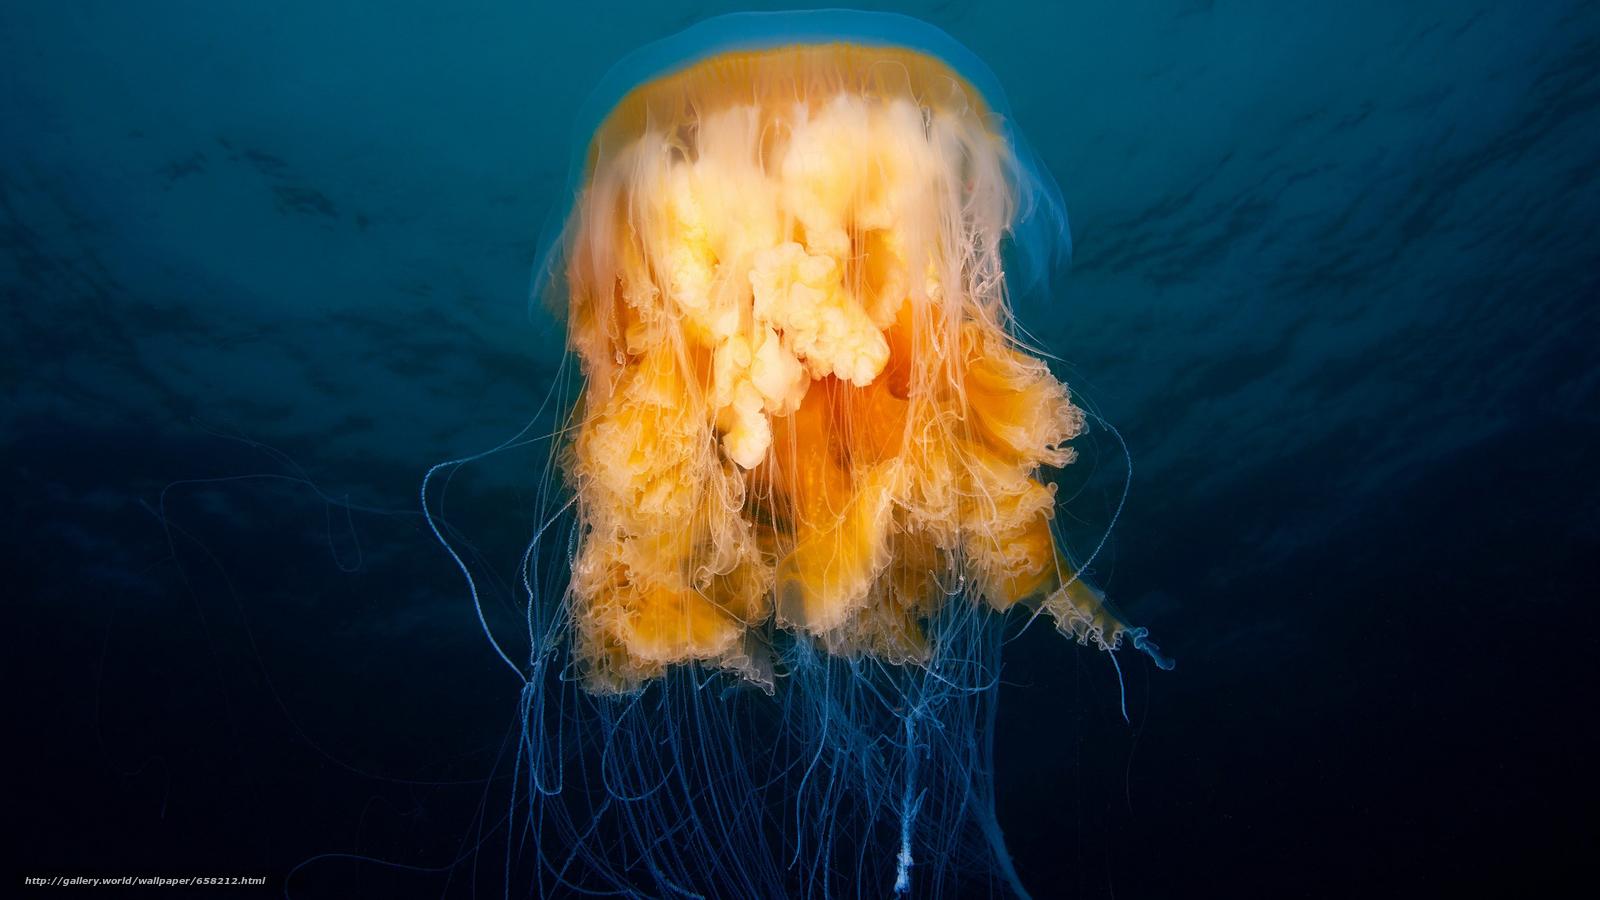 Скачать обои медуза,  медузы,  подводный мир,  вода бесплатно для рабочего стола в разрешении 2560x1440 — картинка №658212